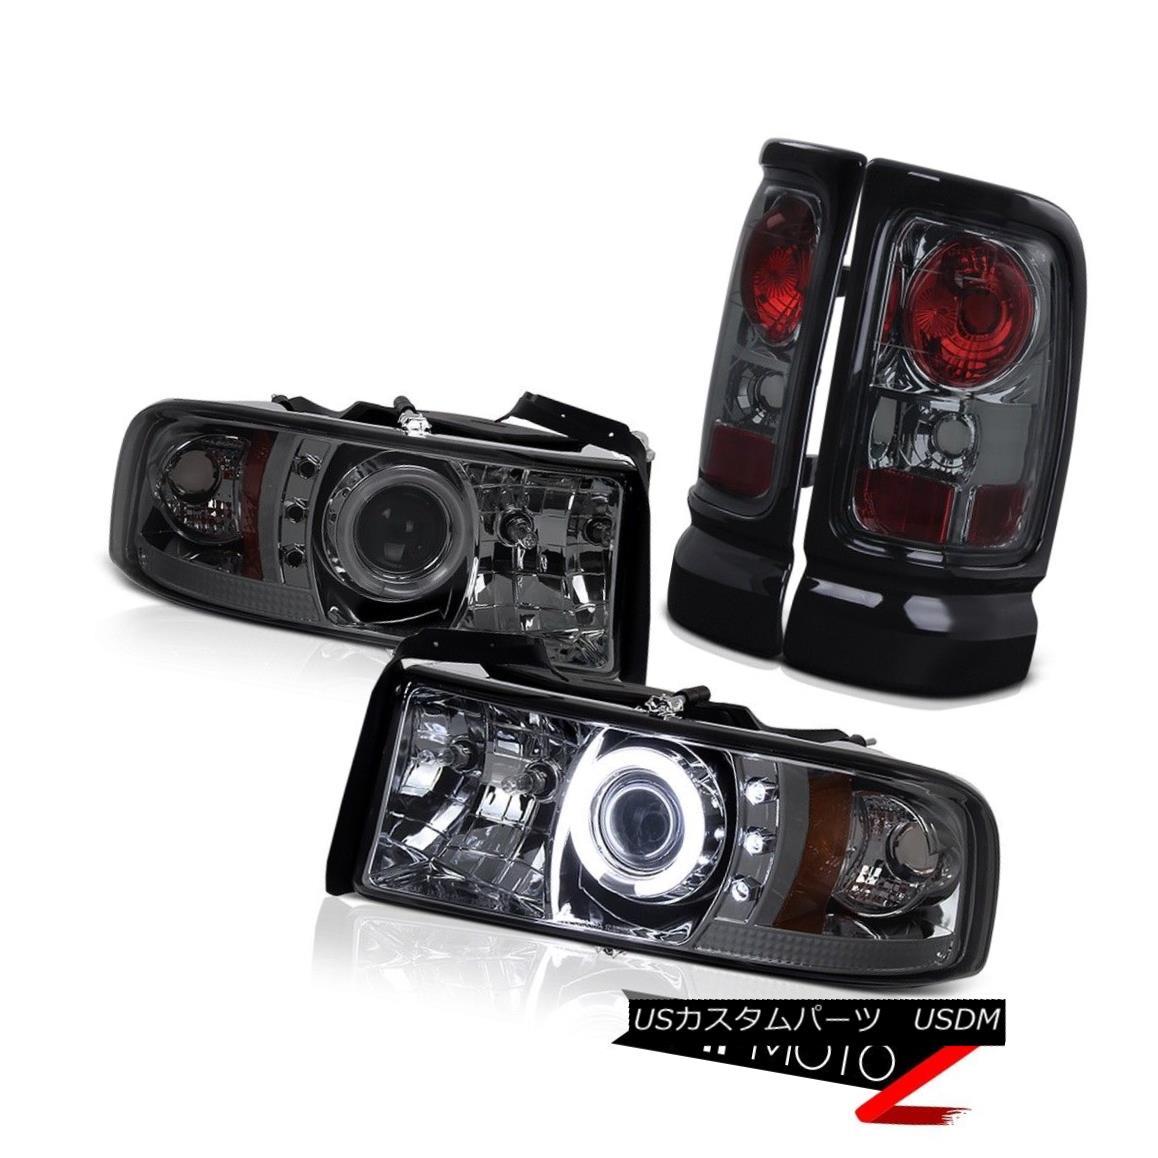 テールライト Dodge RAM 94-01 1500 *CCFL* HaLo Projector Smoke Led Headlight+Tail Light COMBO ドッジRAM 94-01 1500 * CCFL *ハロープロジェクター煙ヘッドライト+テールライトコンボ